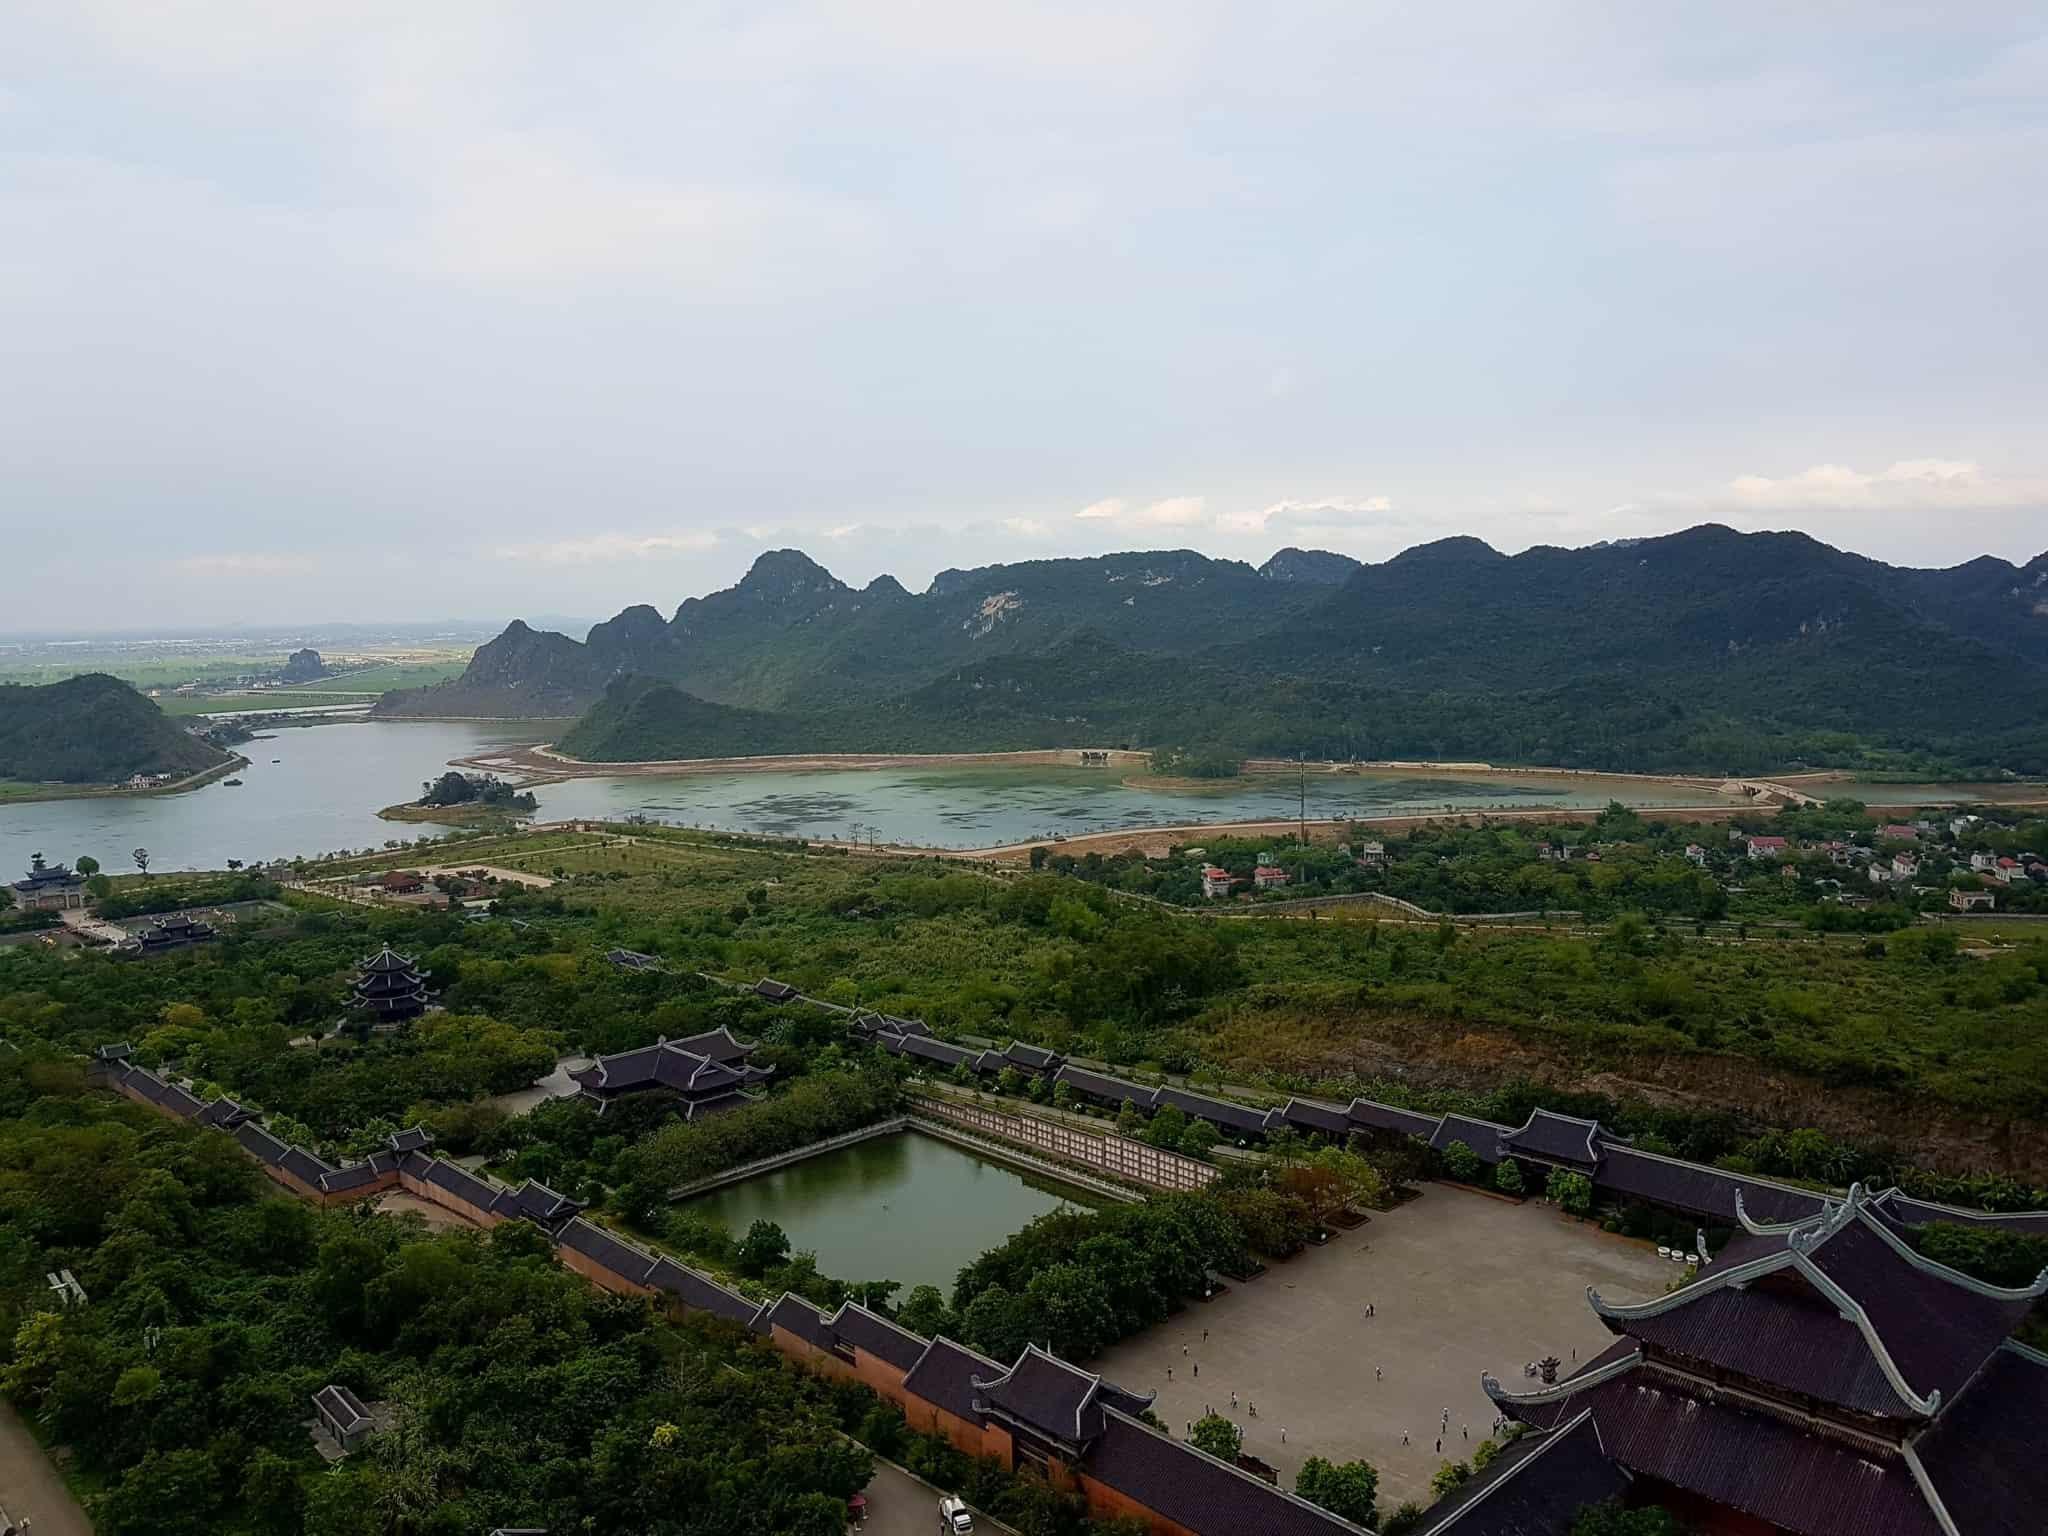 Vietnam, l'incontournable temple de Bai Dinh aux 500 statues 🛕 39